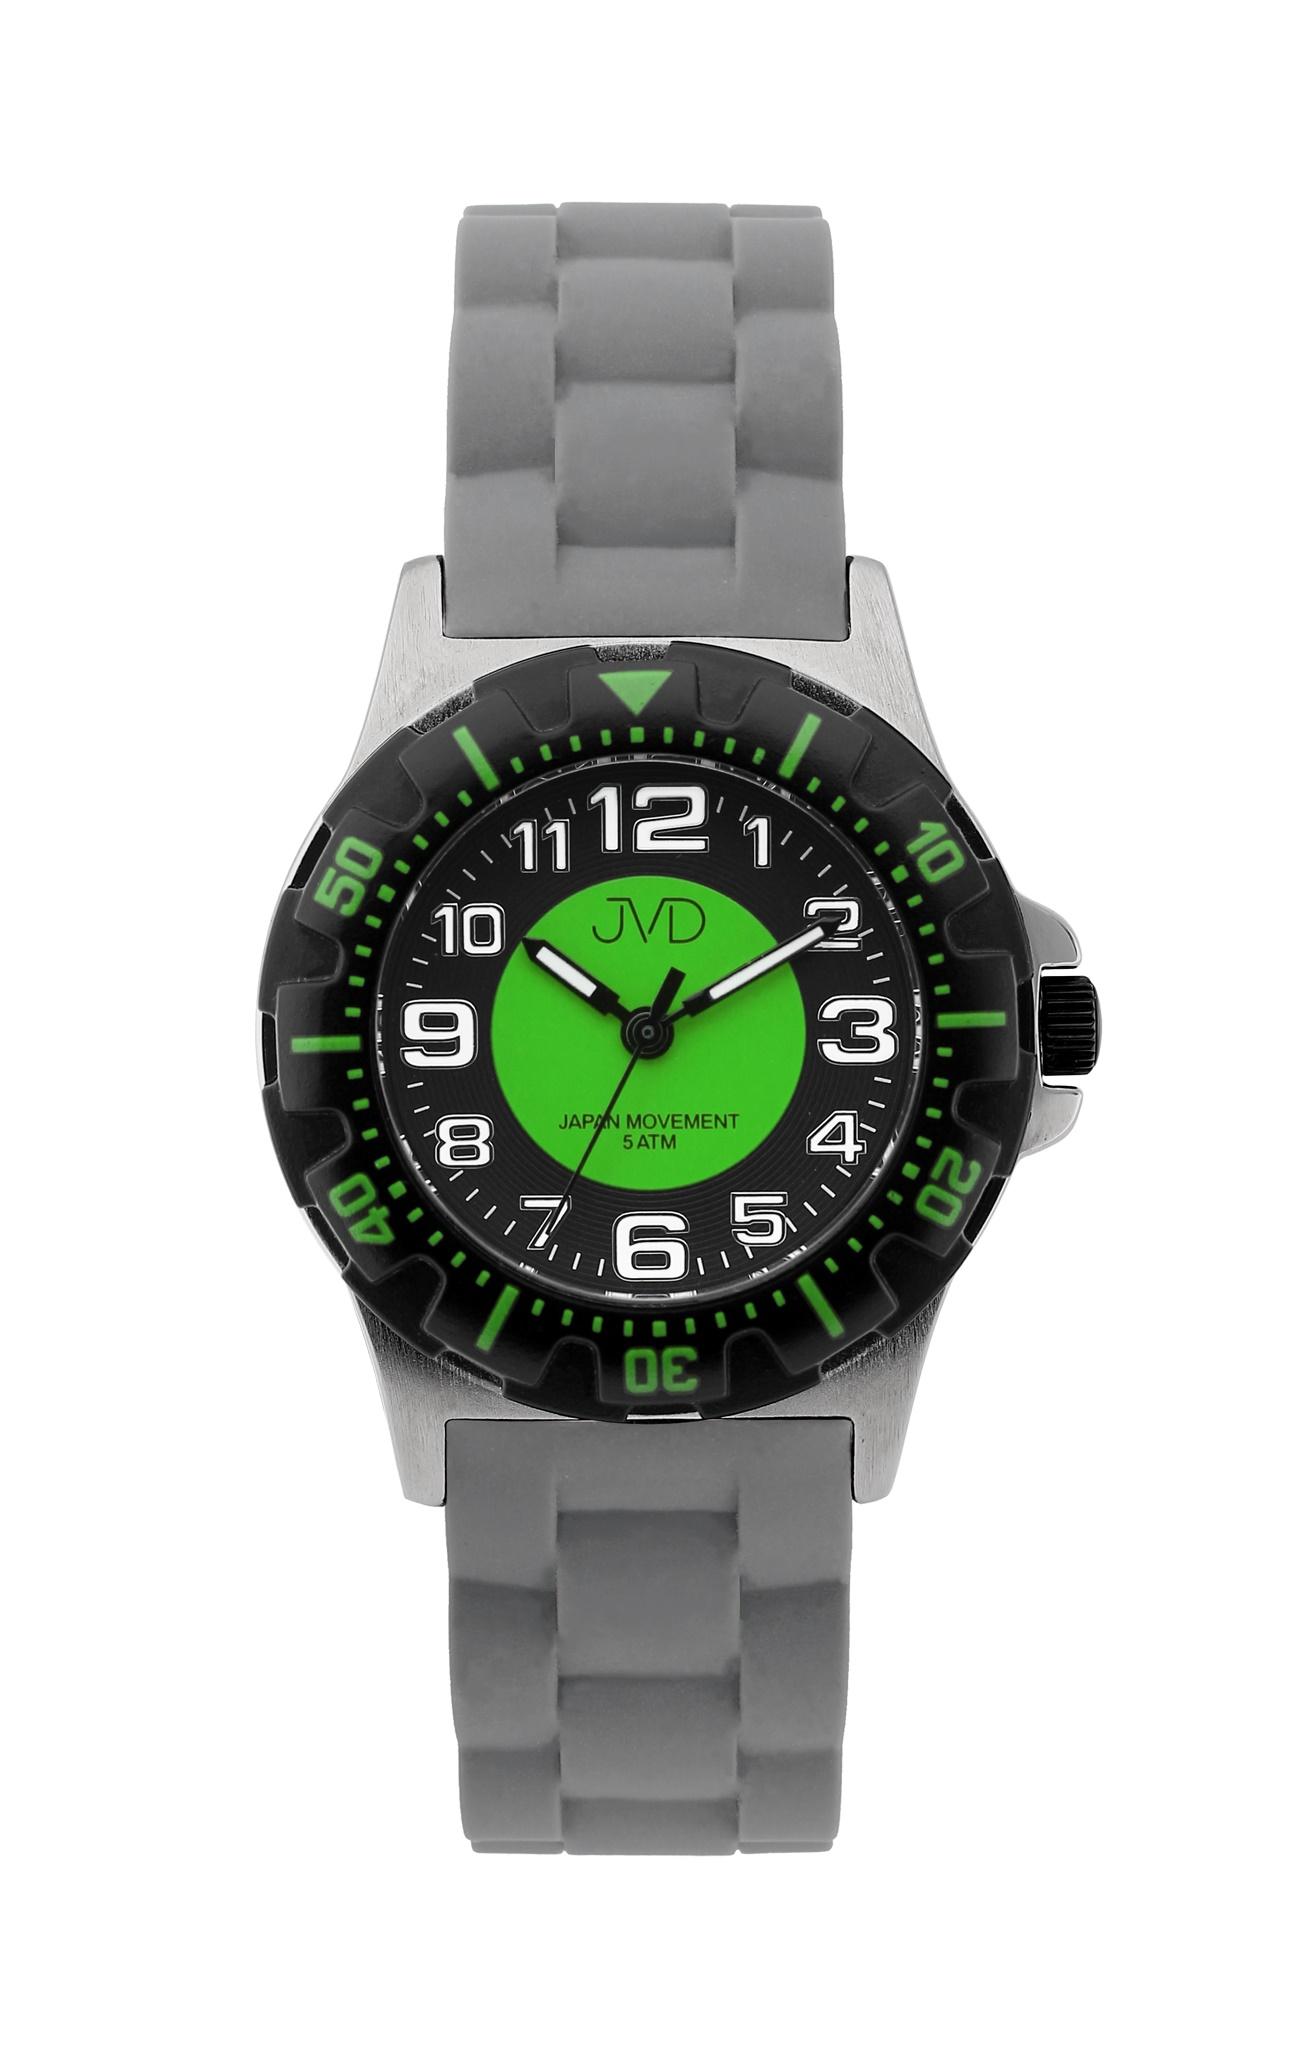 Chlapecké dětské vodotěsné sportovní hodinky JVD J7168.3 - 5ATM (zelené chlapecké voděodolné hodinky)